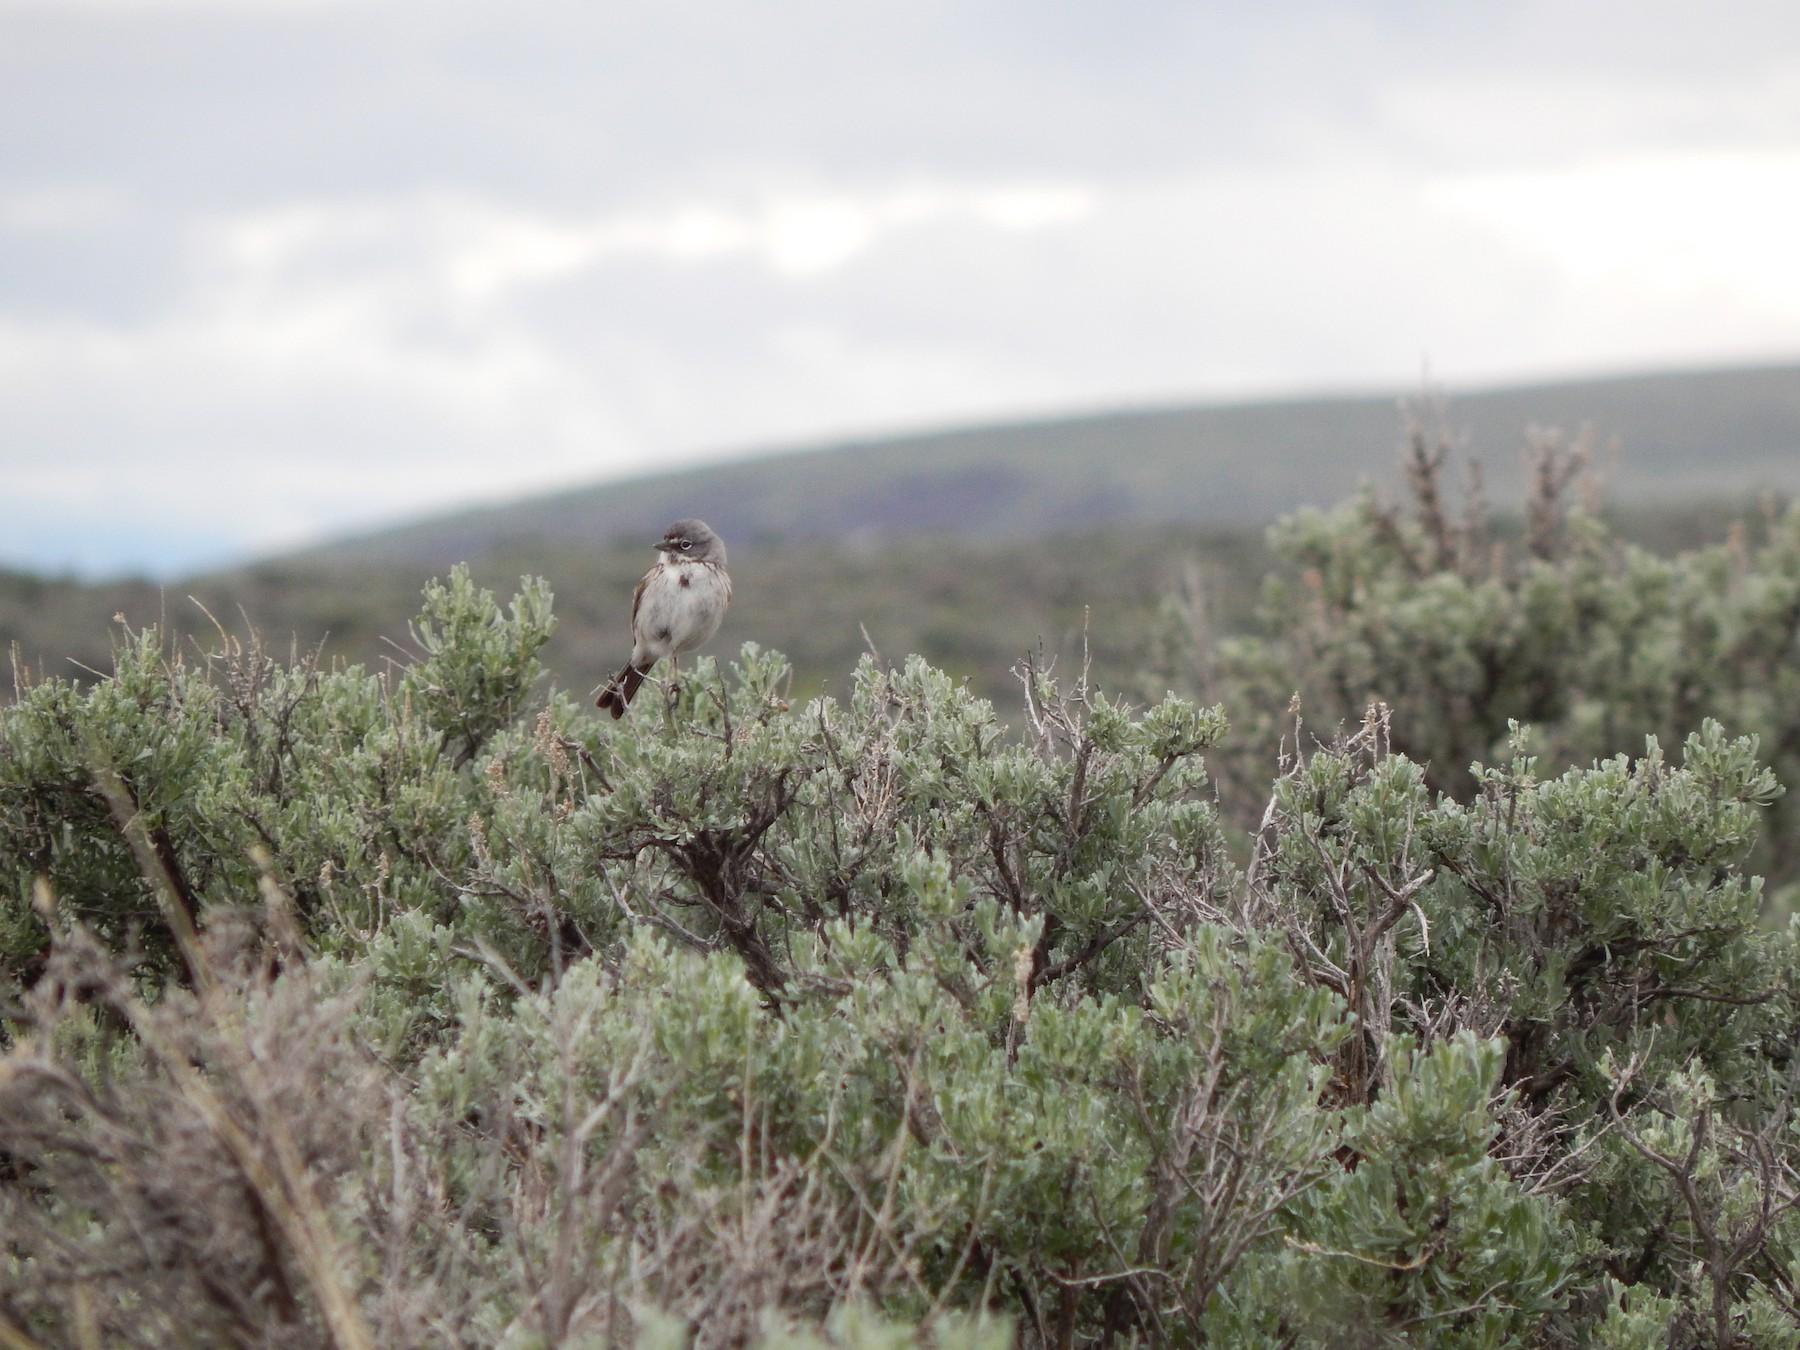 Sagebrush Sparrow - Austin Young